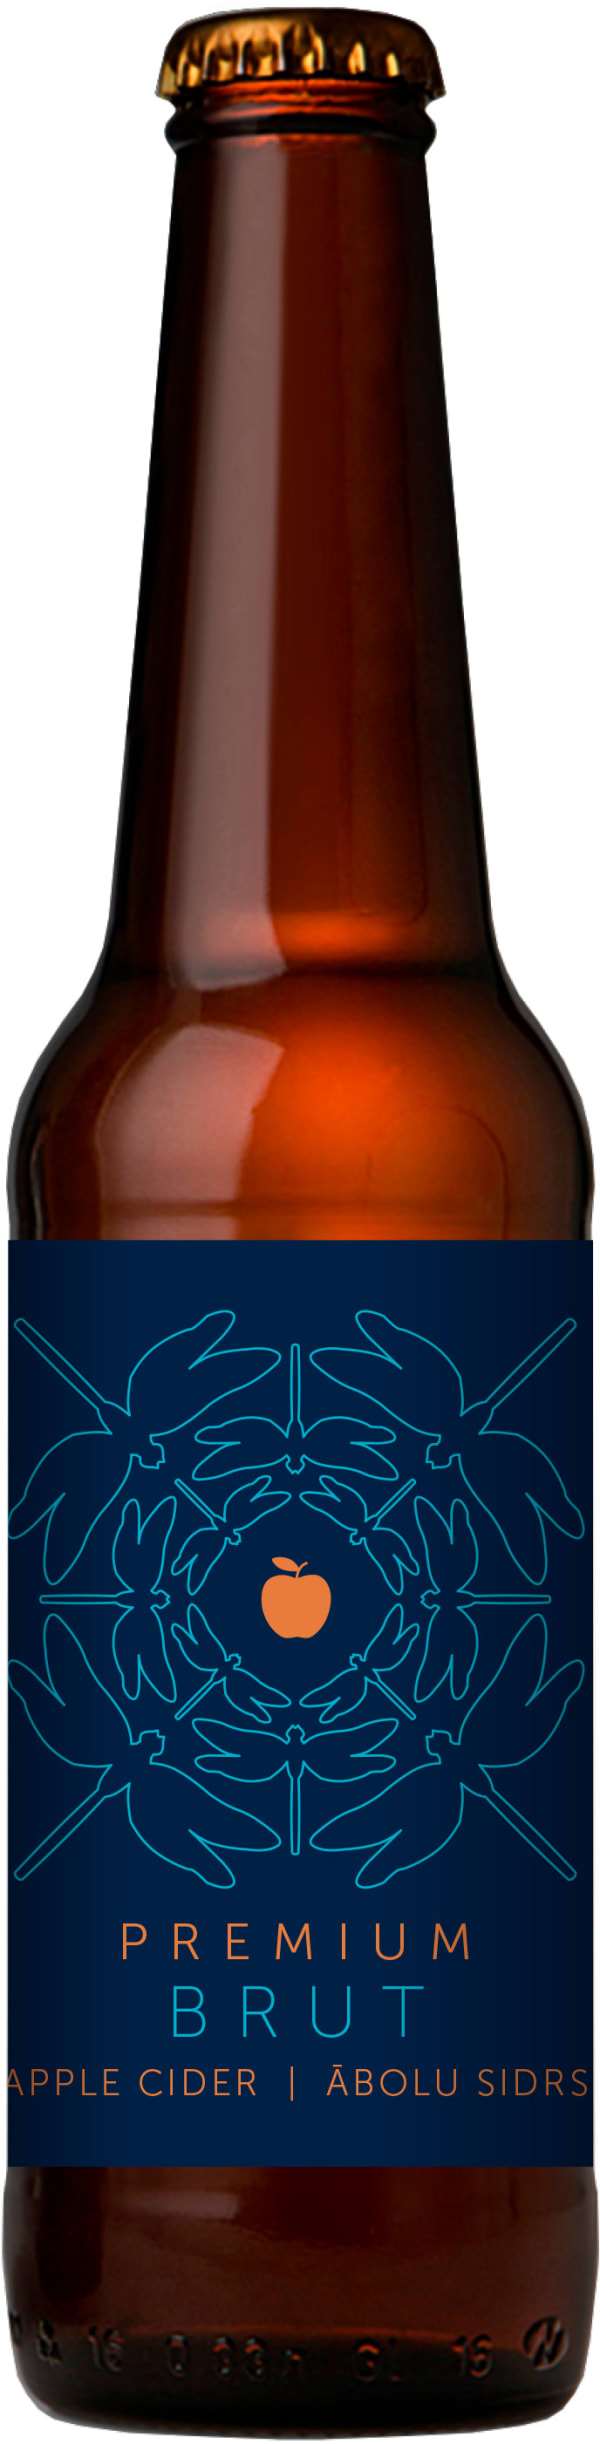 Abavas Abols Premium Brut Cider